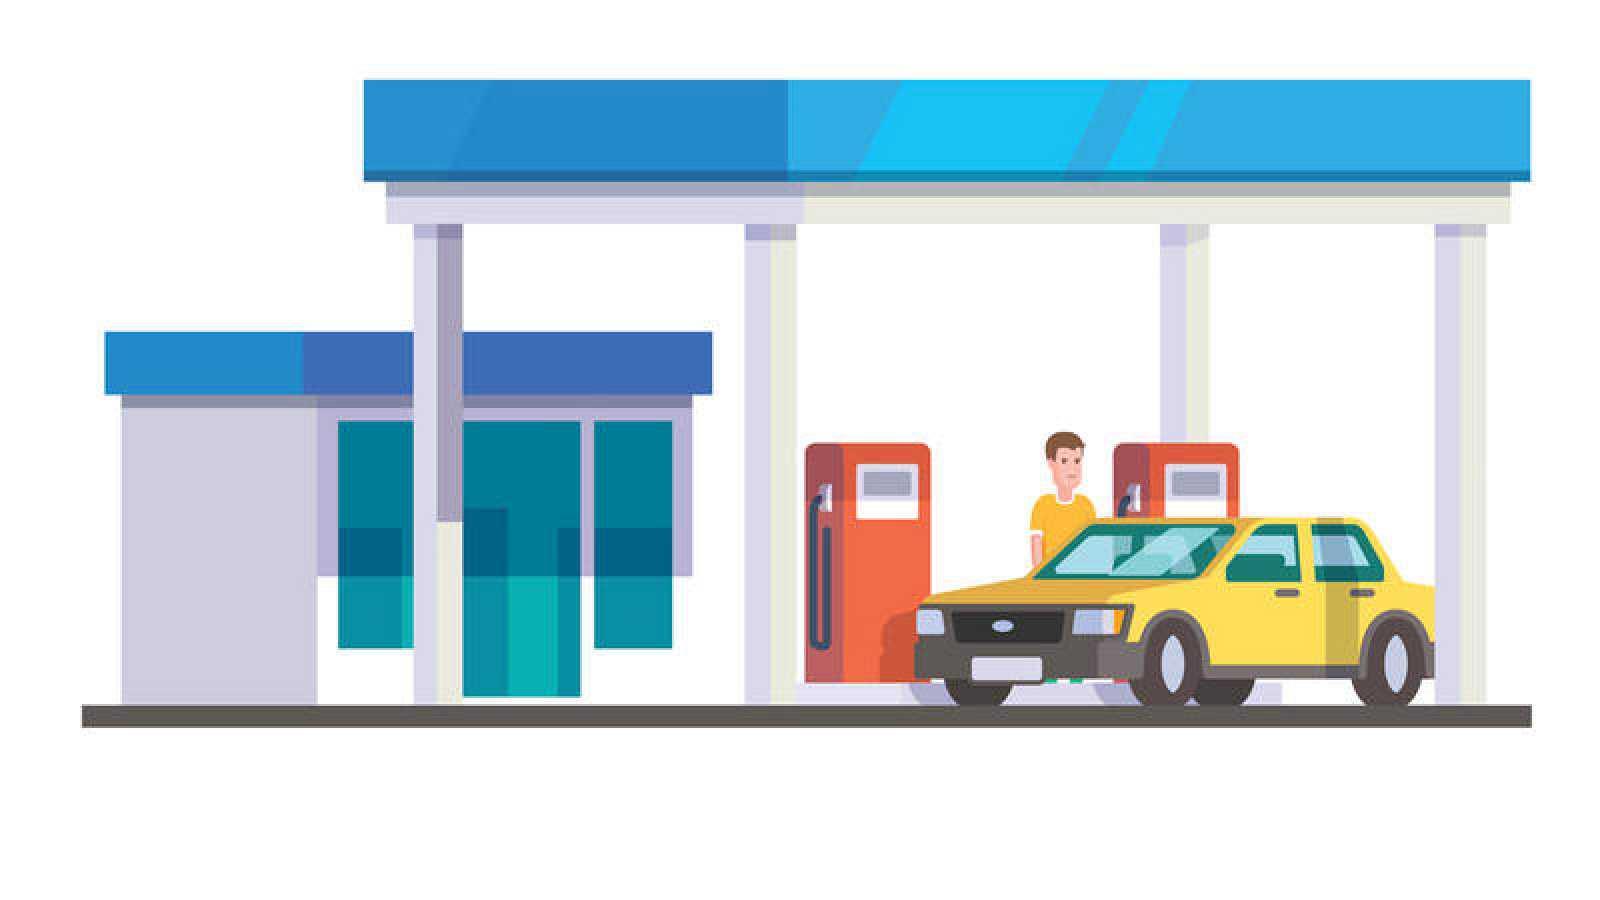 Ilustración de una gasolinera